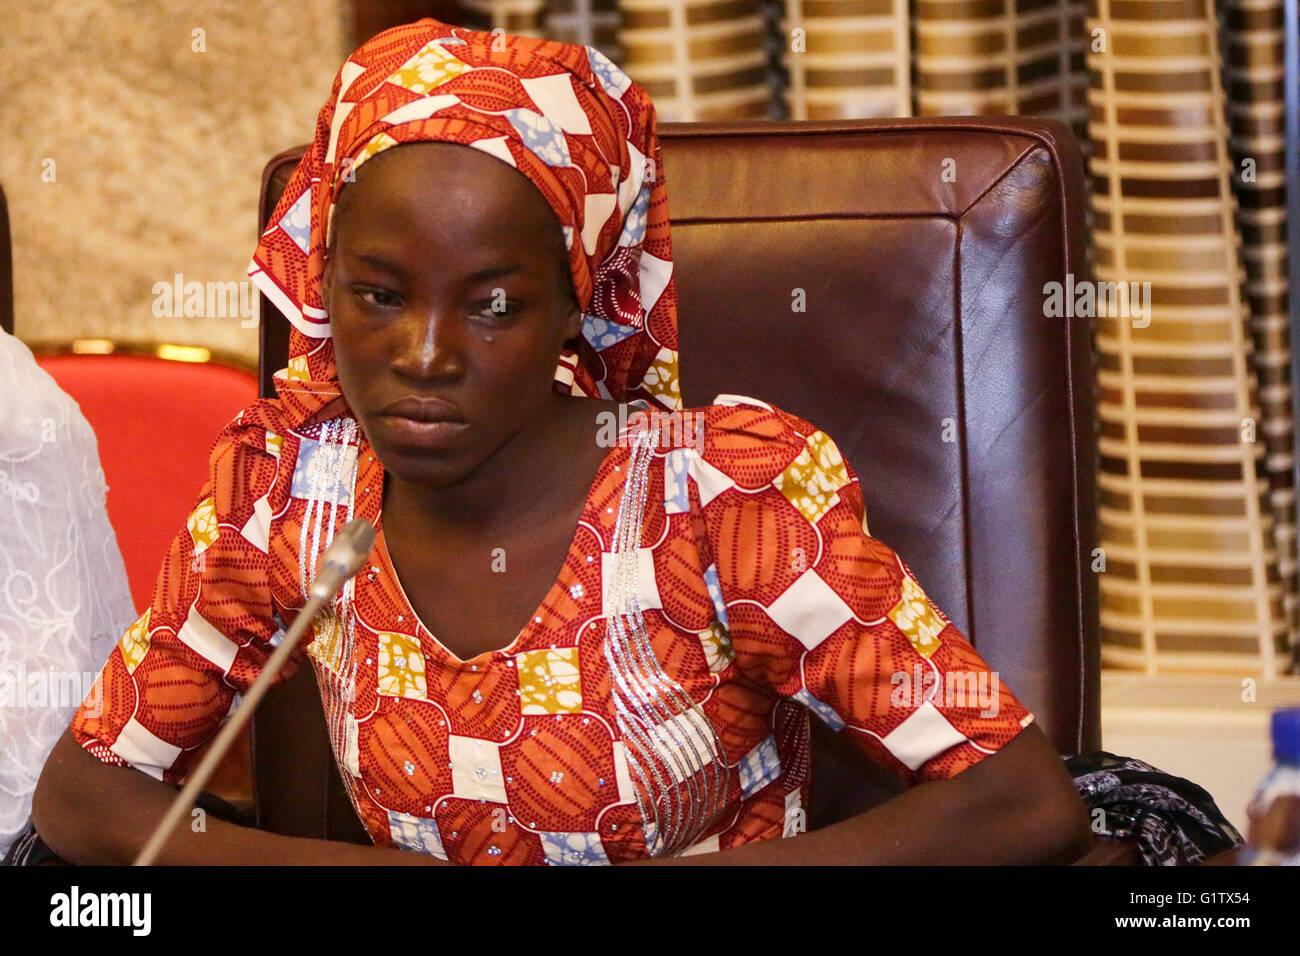 site de rencontres gratuit Abuja